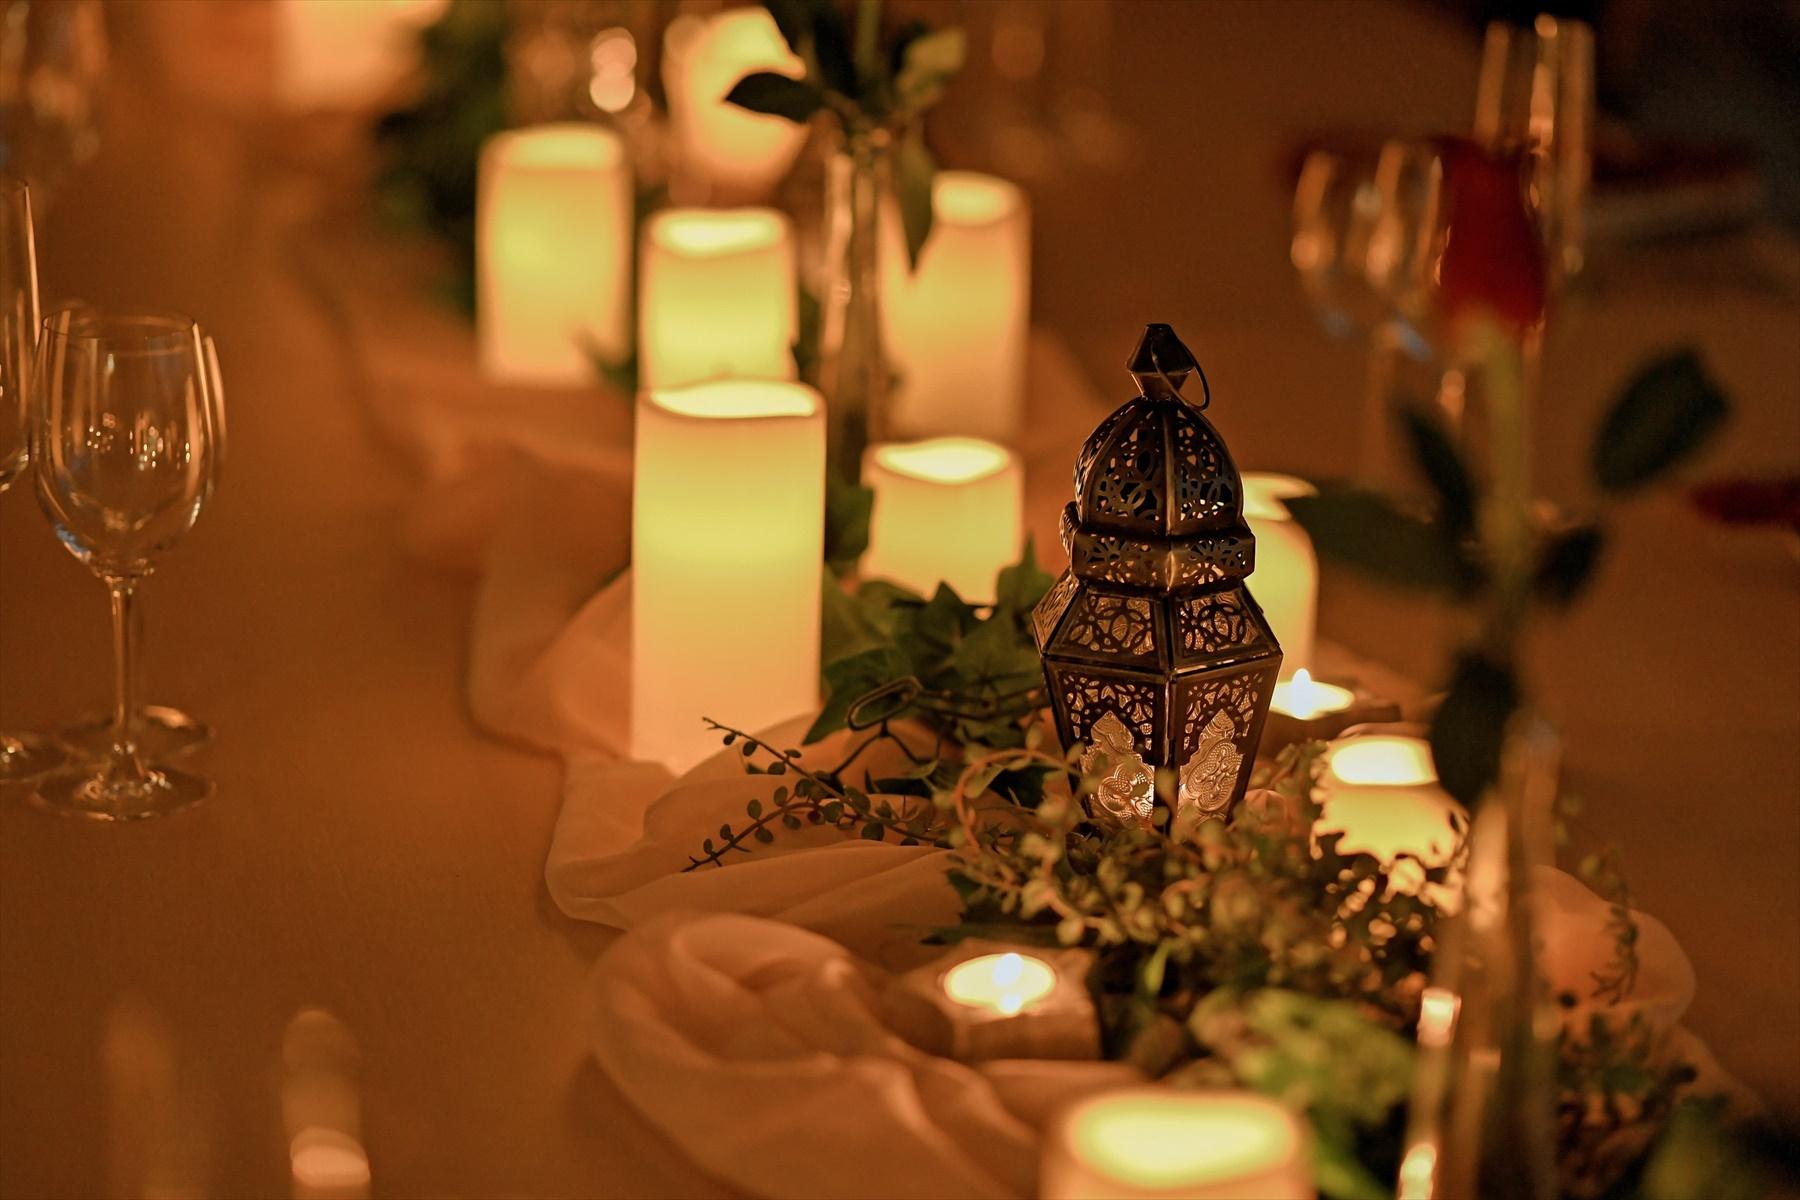 静岡ウェディングパーティー装飾 静岡パーティー一軒家貸切 キャンドル装飾